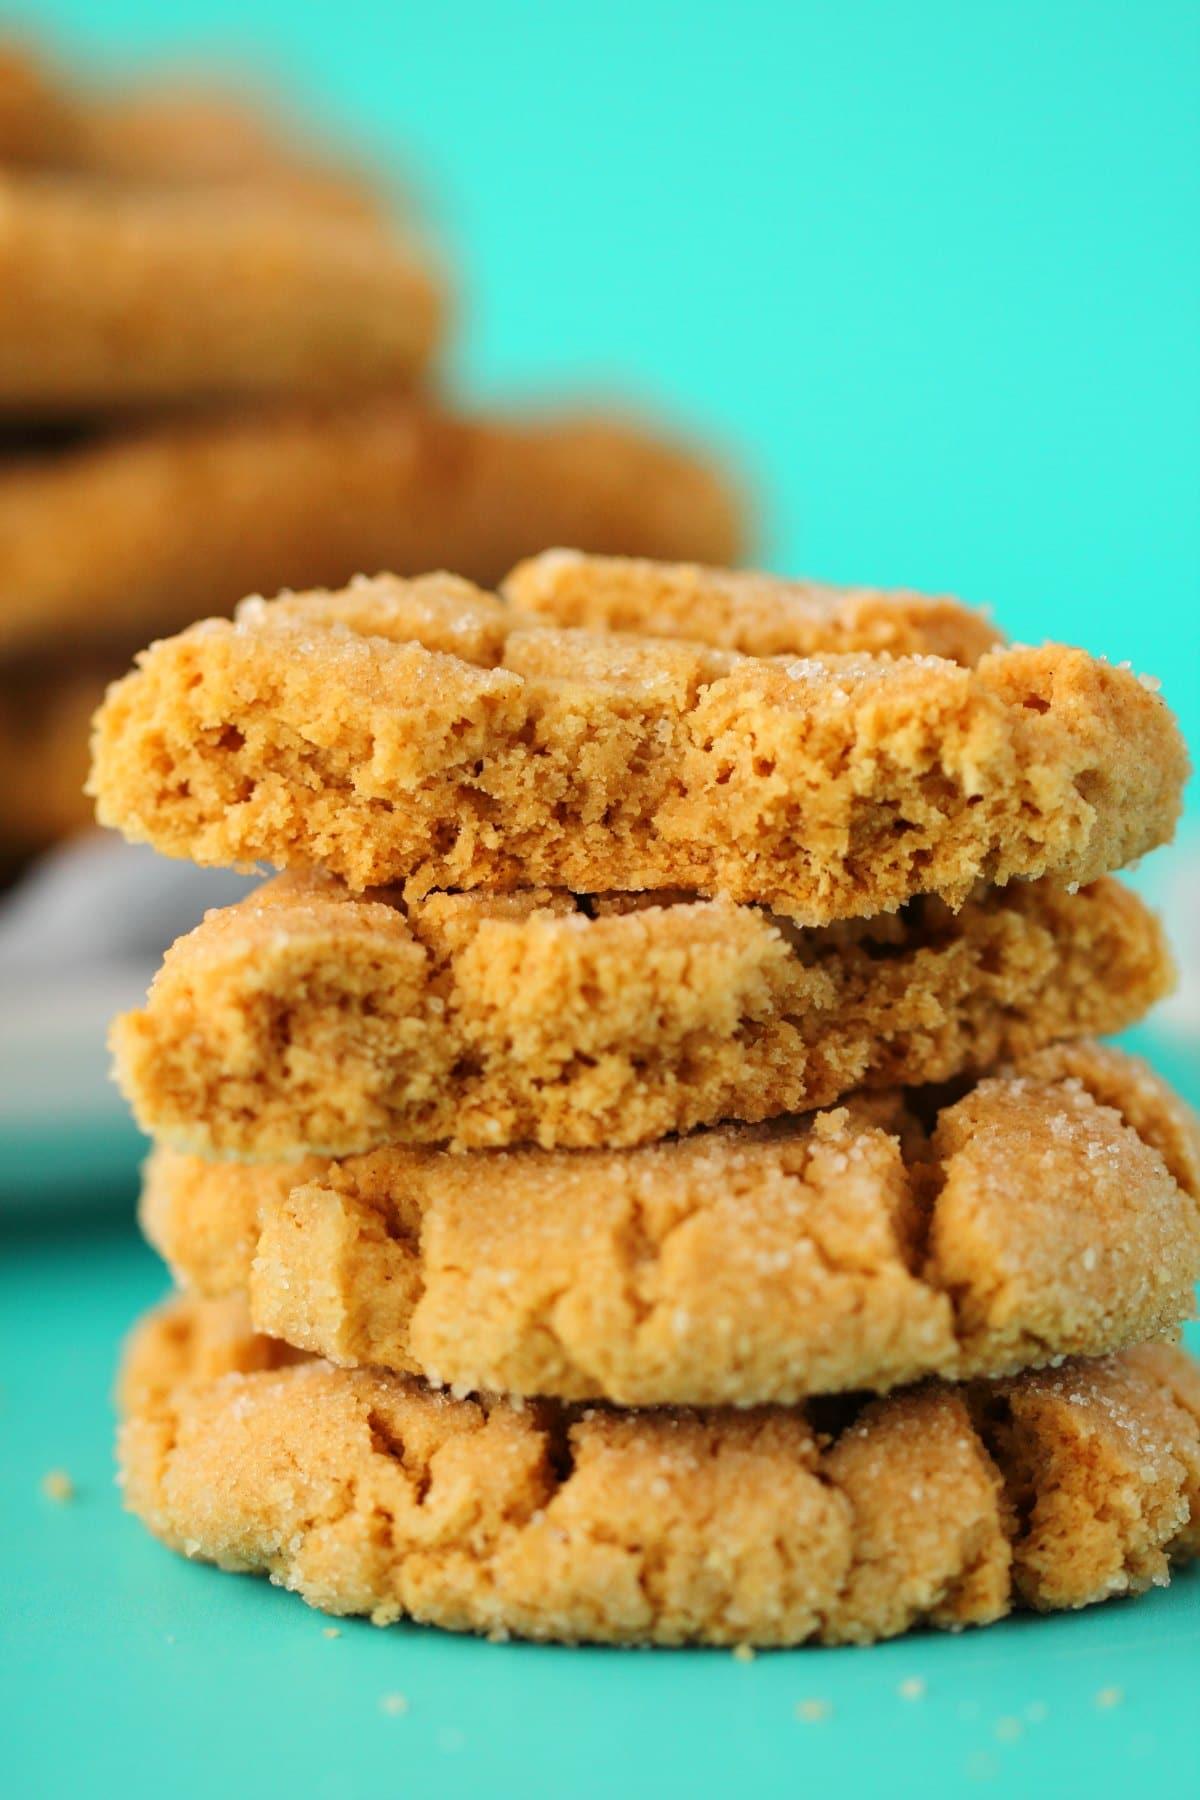 A stack of vegan peanut butter cookies, the ones on top broken in half.